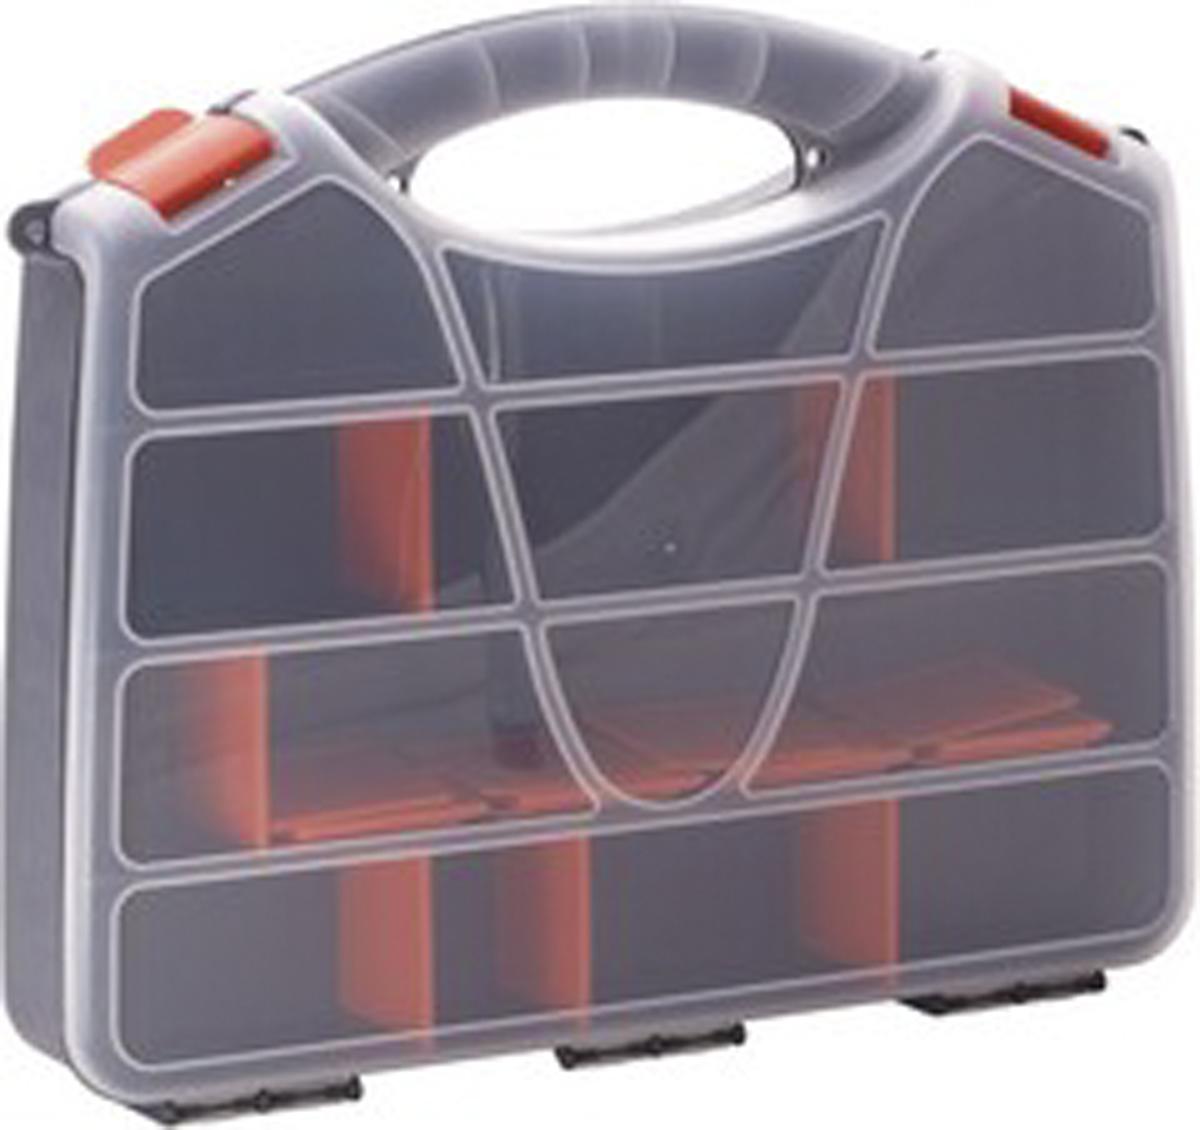 Органайзер для инструментов Blocker Profi, цвет: серый, оранжевый, 44,7 х 35,5 х 7,5 смПЦ3724СРСВИНЦОРУдобный органайзер Blocker Profi предназначен дляпереноски и хранения инструментов. Изделие выполненоиз высококачественного полипропилена. Прозрачная крышка, небольшой размер ипродуманная эргономика делают хранение любыхмелочей простым и эффективным. Надежные замкипредохраняют от случайного открытия. Съемныеразделители позволяют организовать пространство всоответствии с вашими пожеланиями.